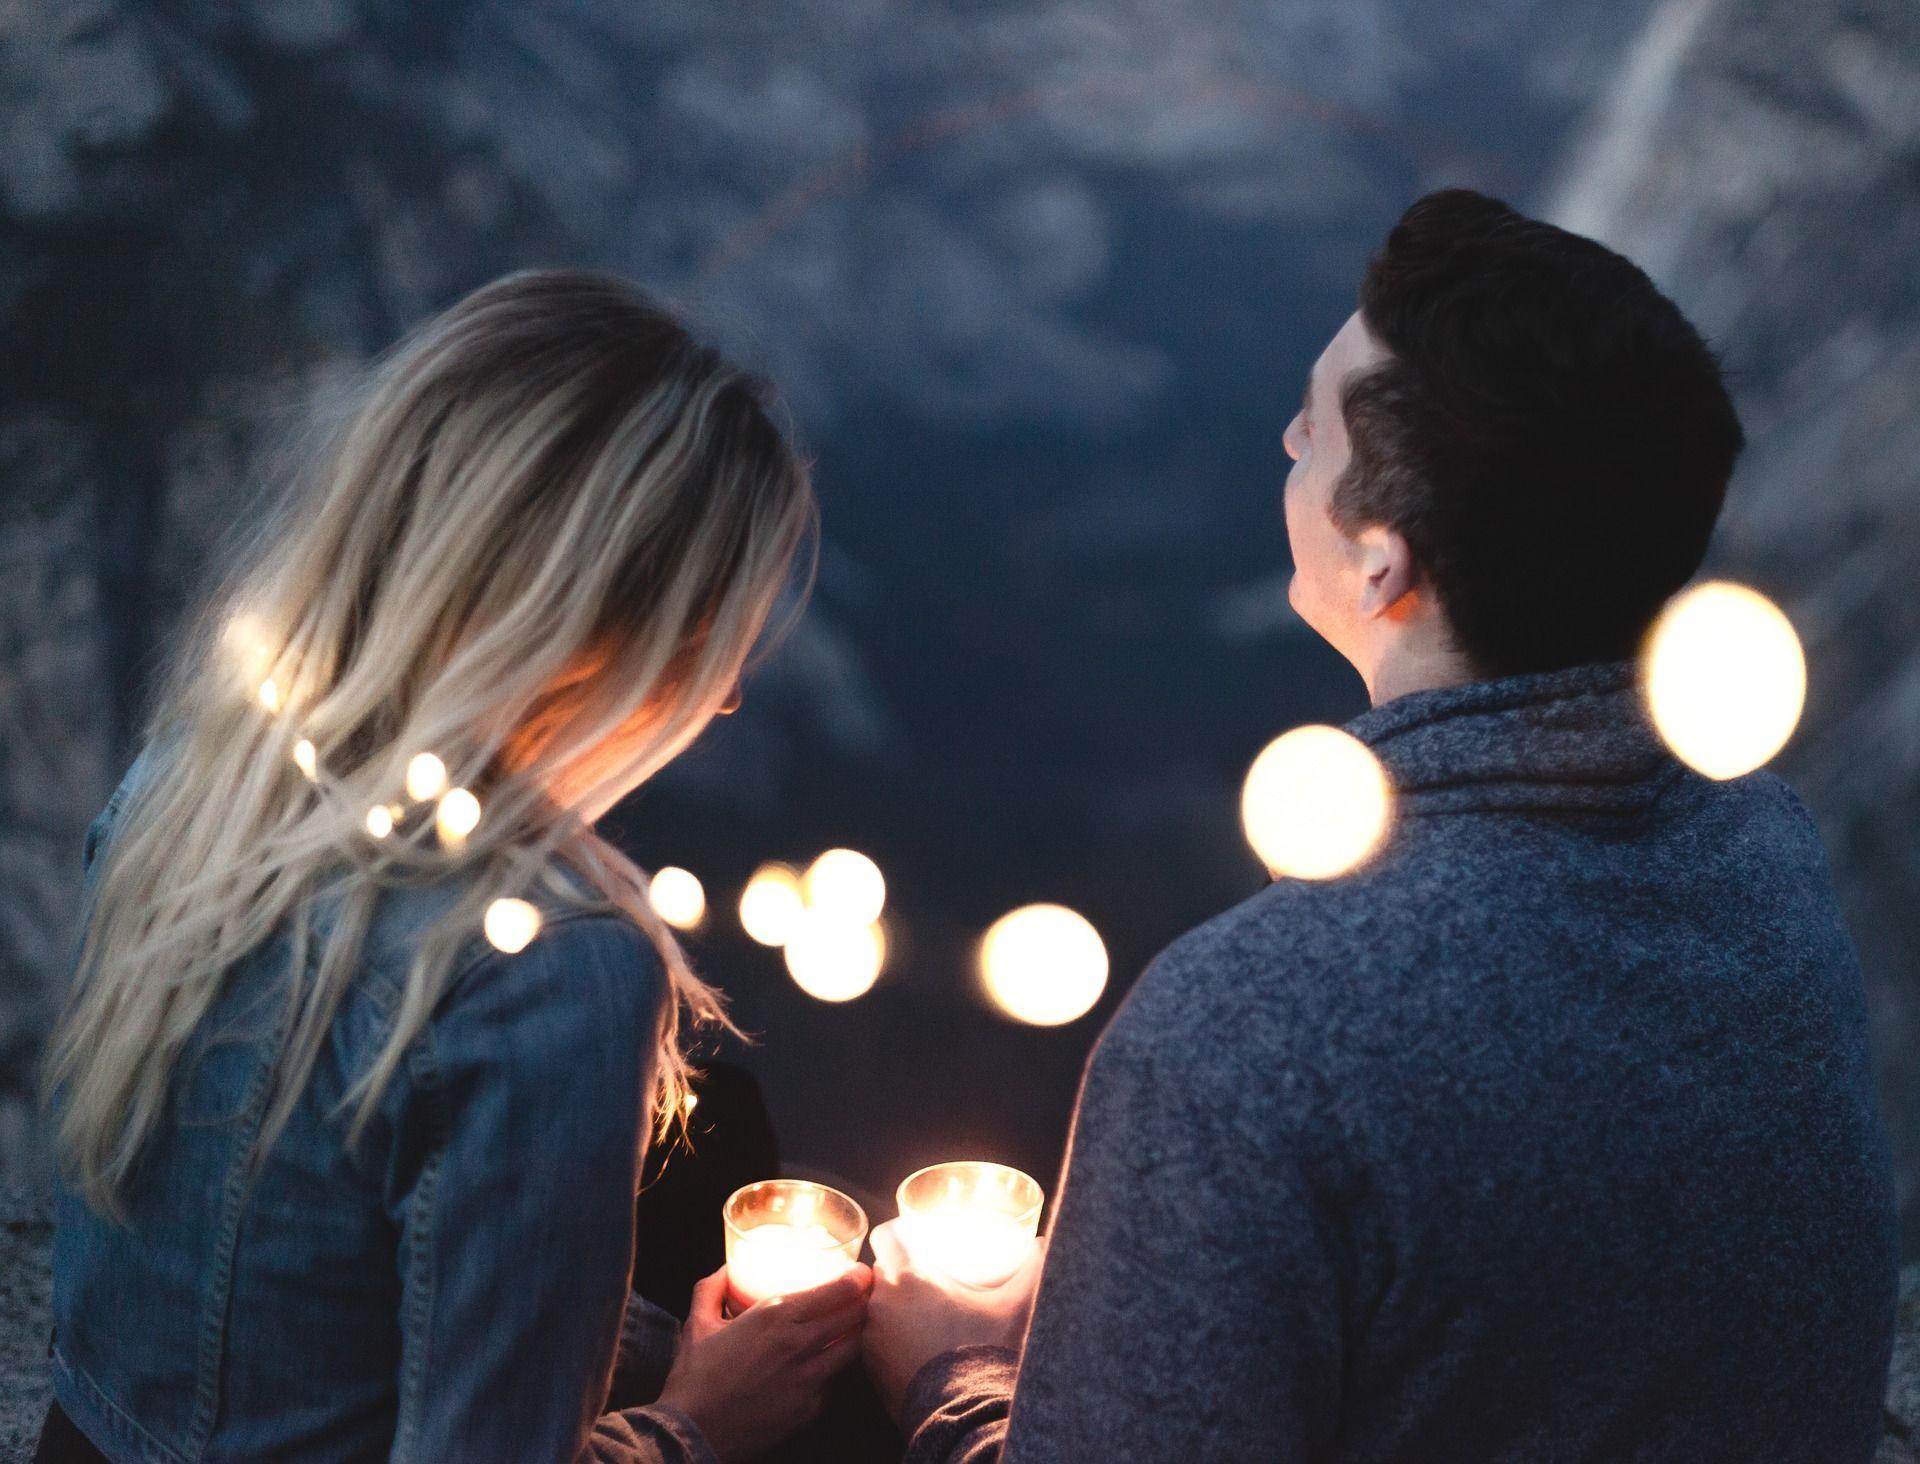 Романтика, пара, кохання _3